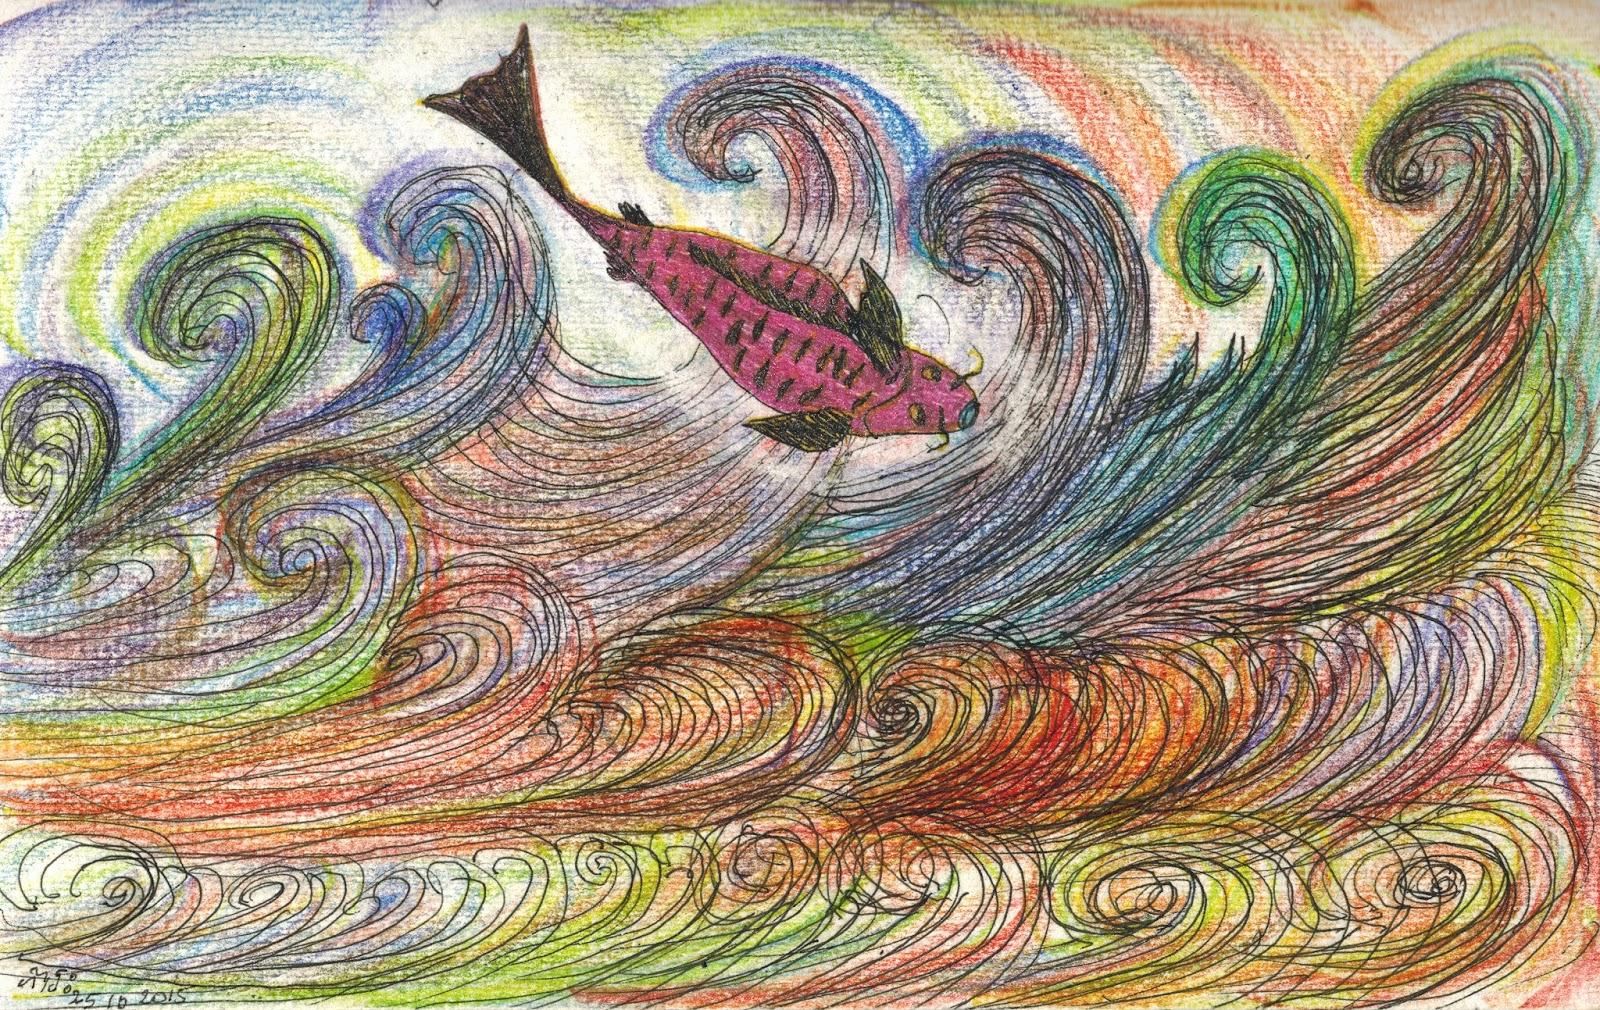 Un passeport pour revivre dessiner croquis d 39 un poisson - Croquis poisson ...